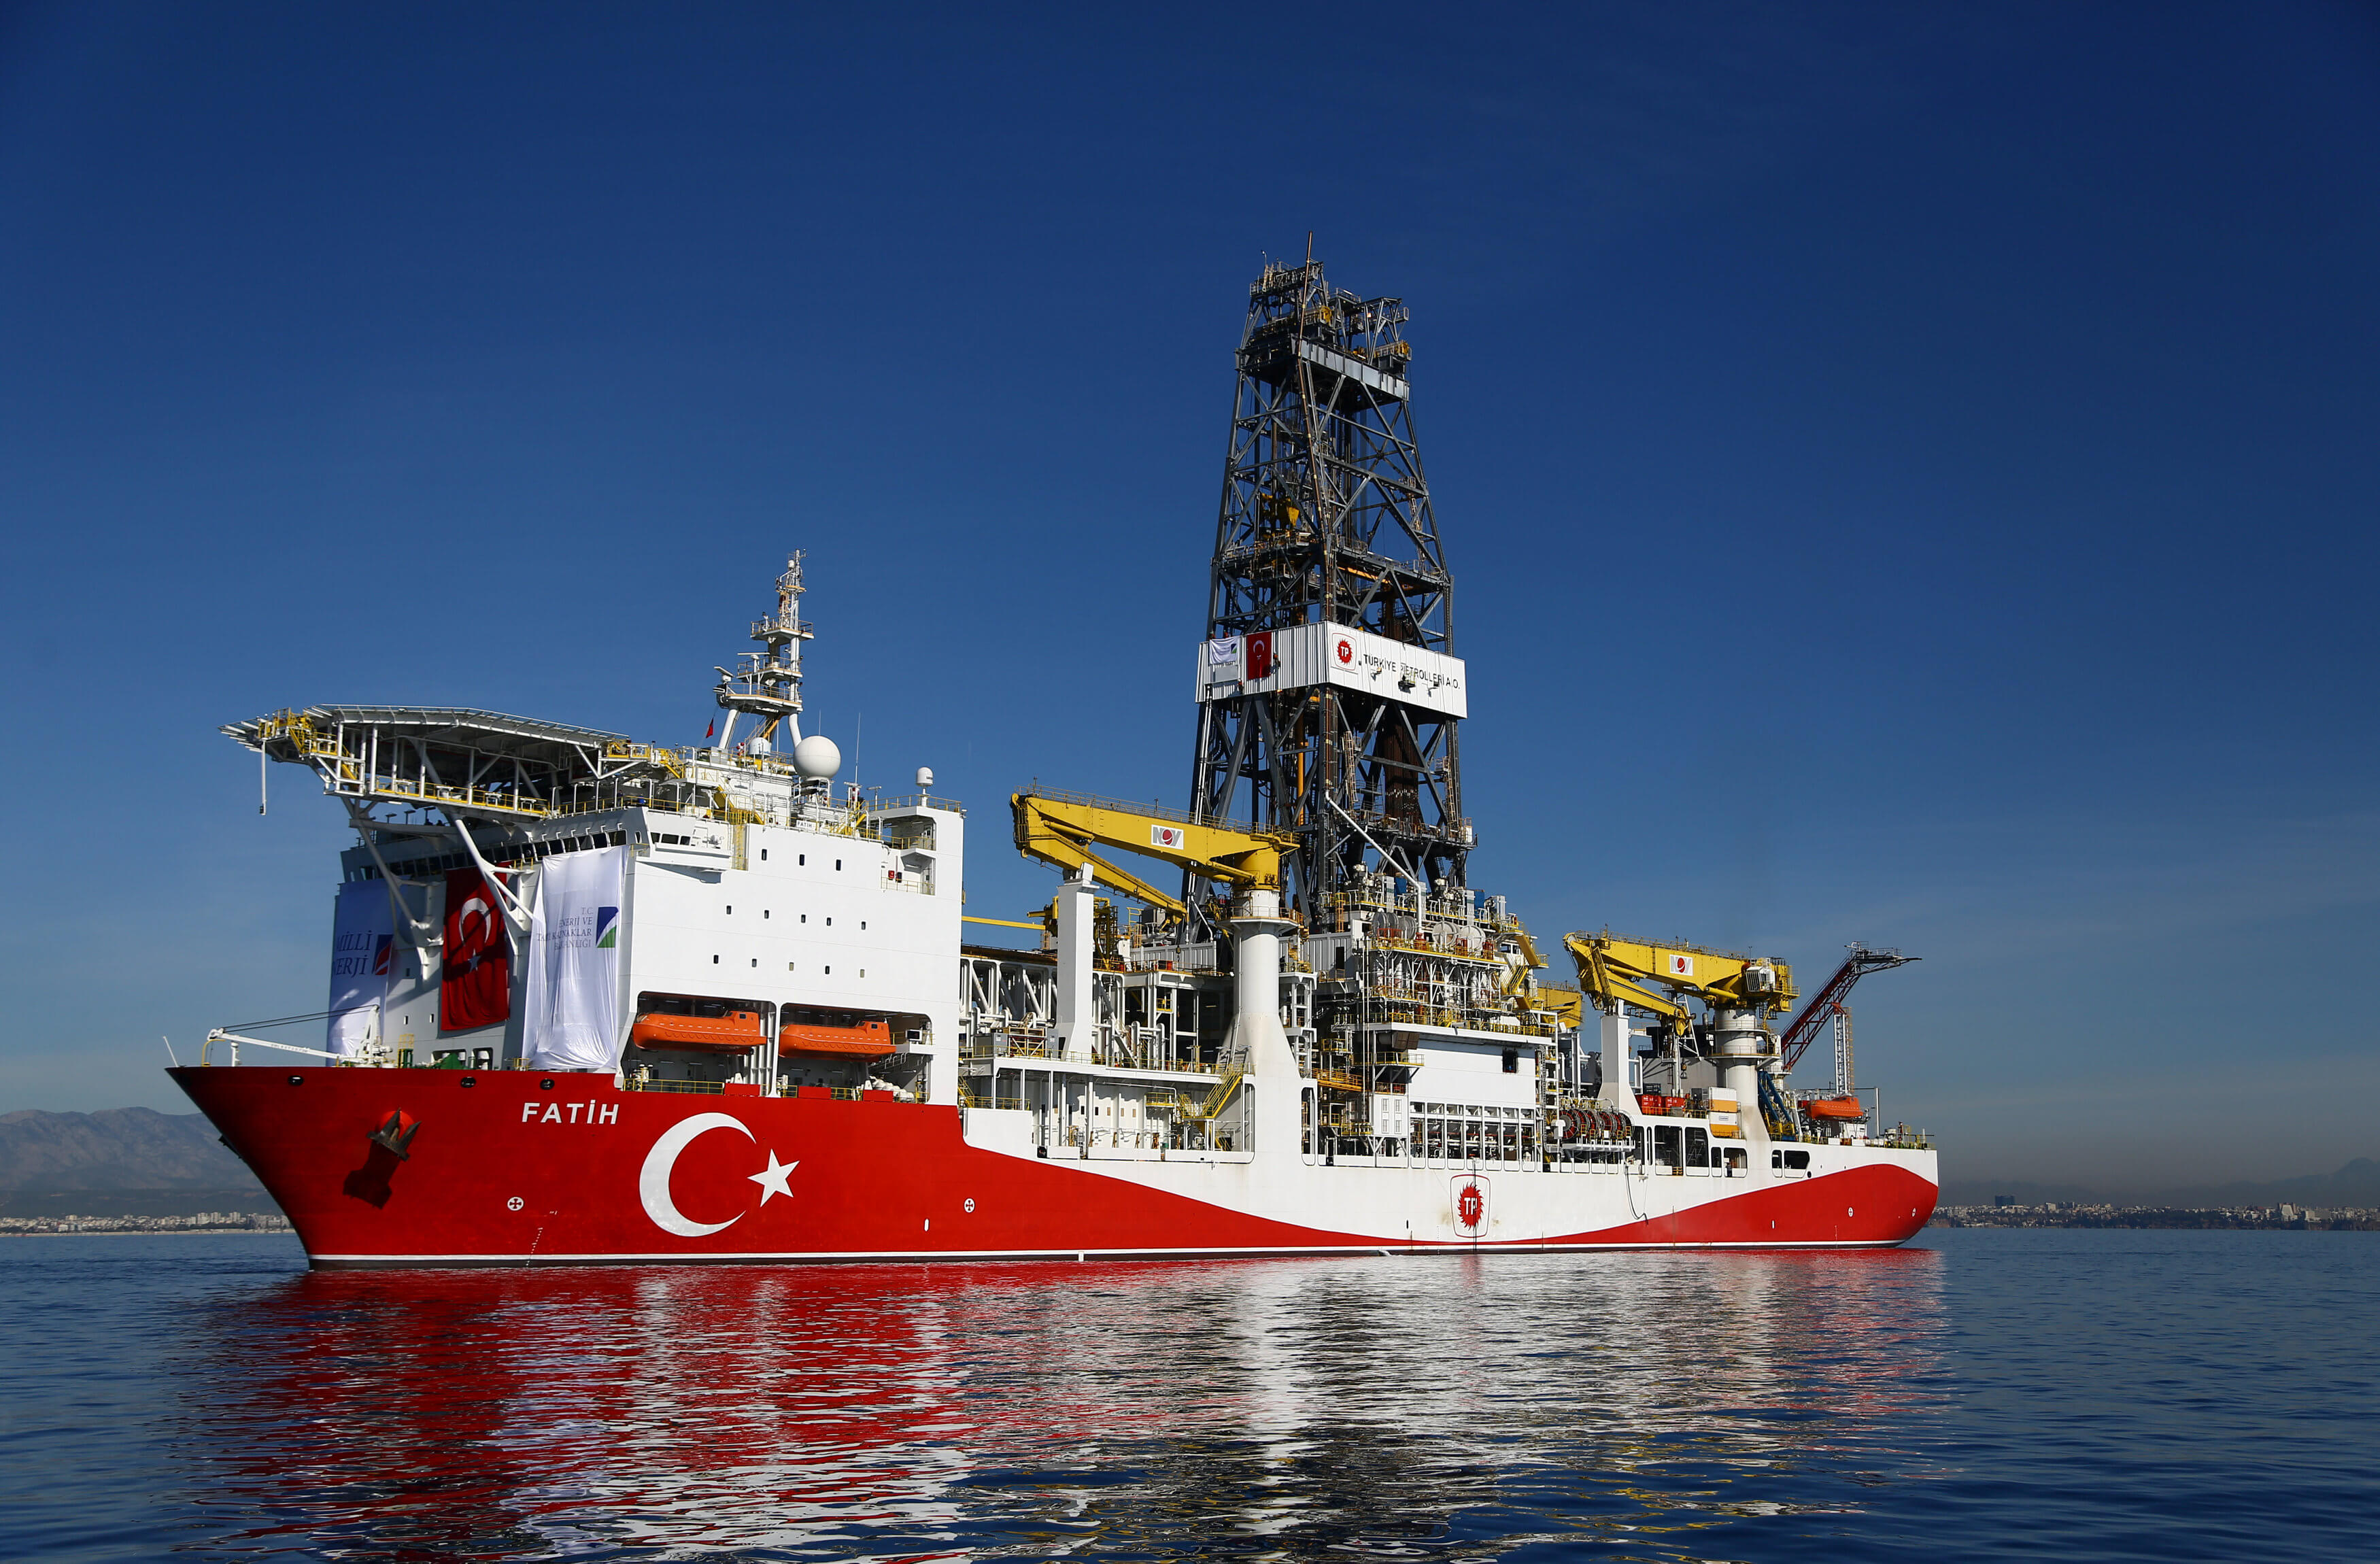 Γαλλία για έρευνες Κυπριακή ΑΟΖ